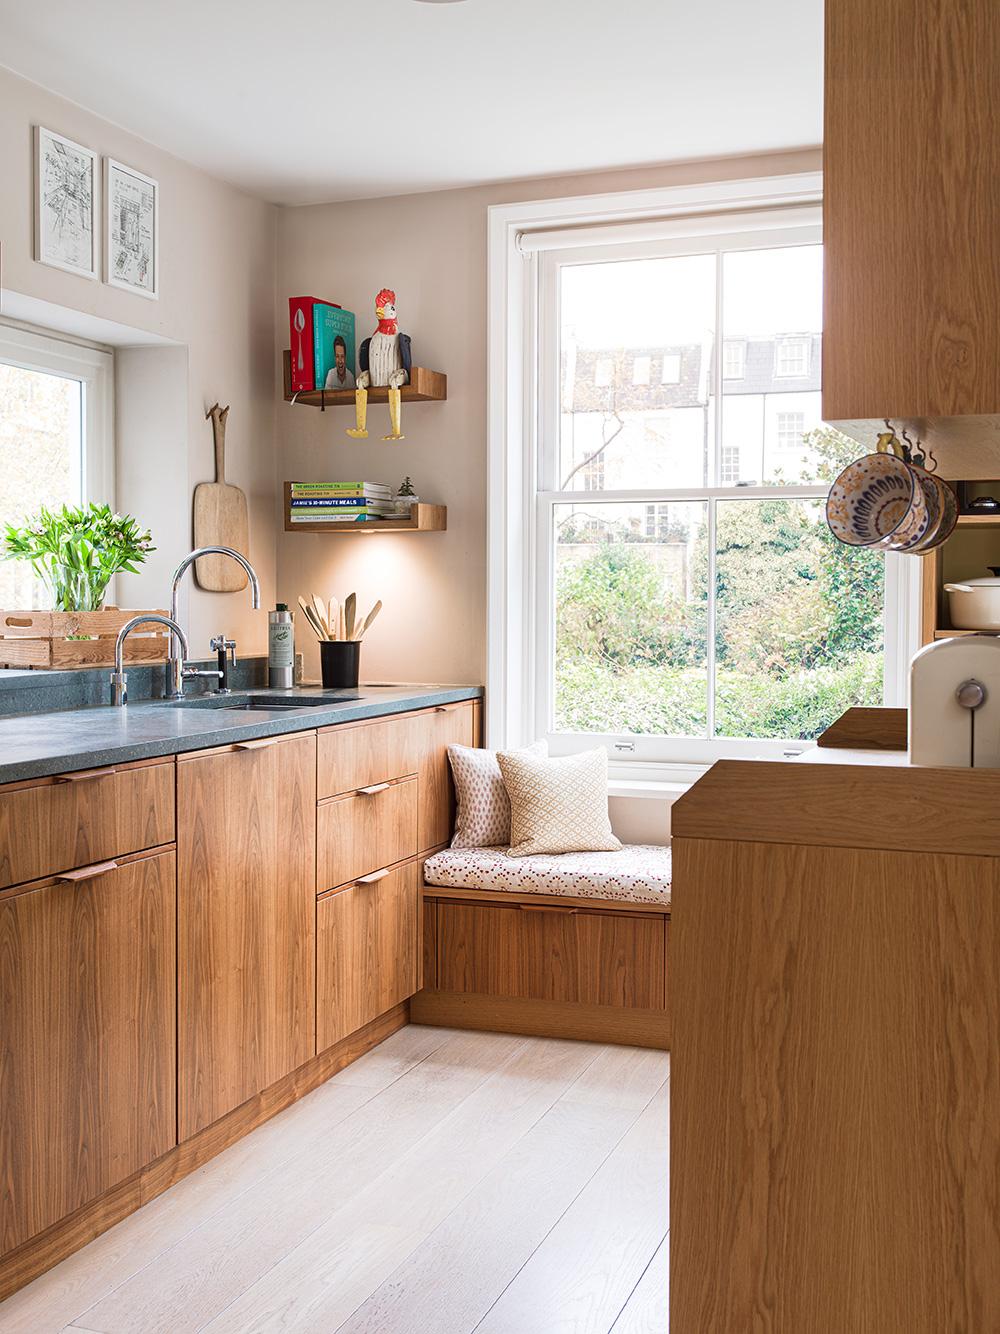 kitchen area – interior design by Eadie & Crole